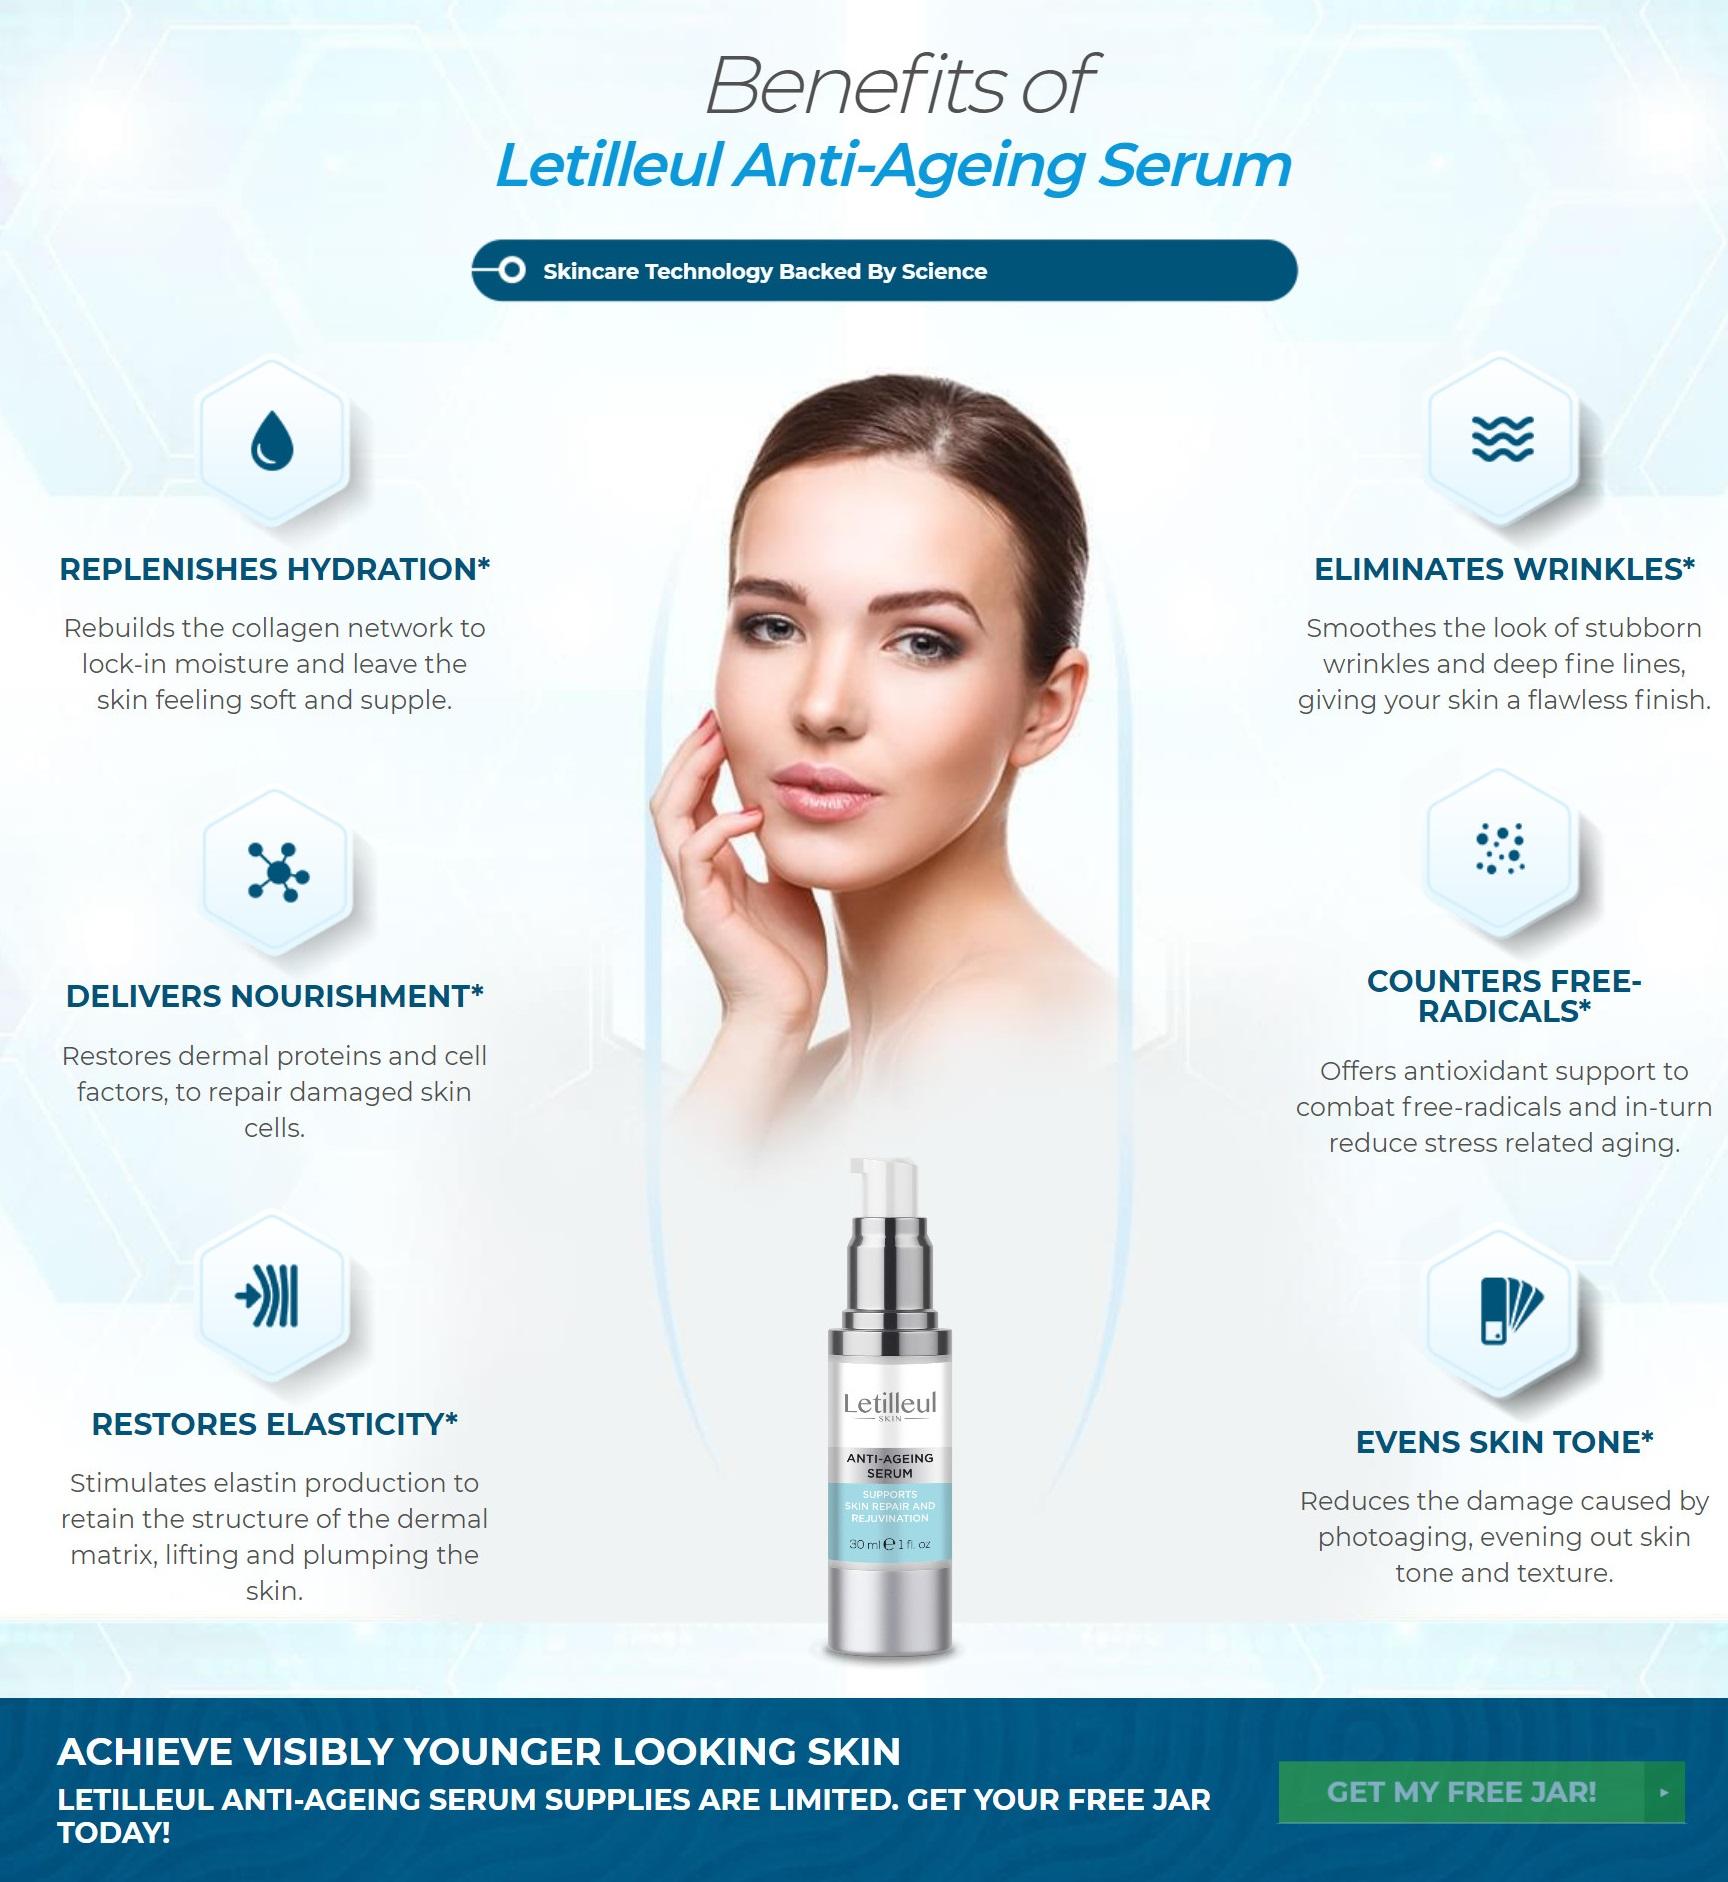 Letilleul Skin Benefits